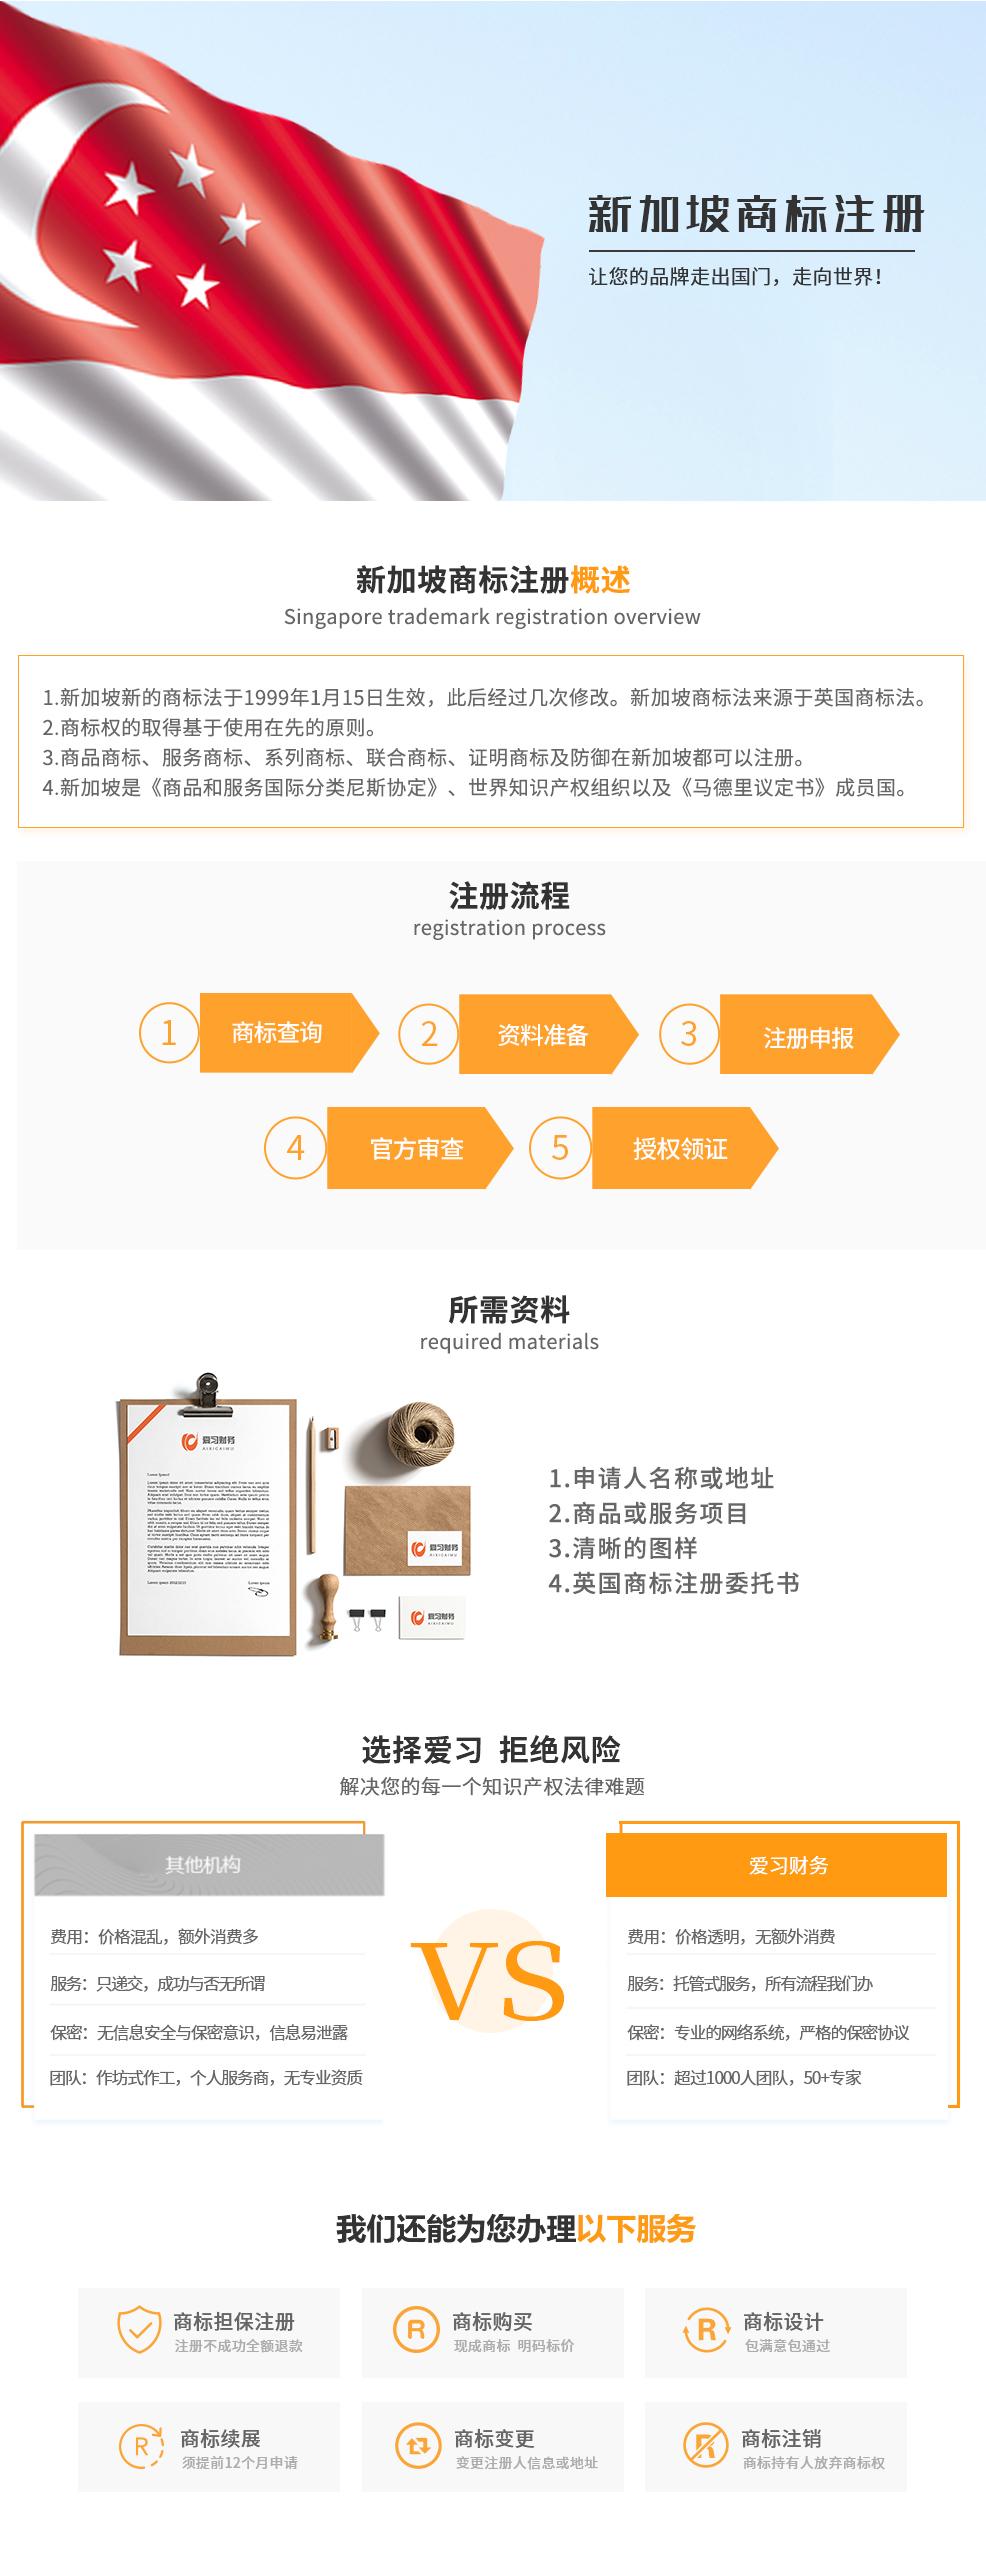 新加坡商标注册.jpg